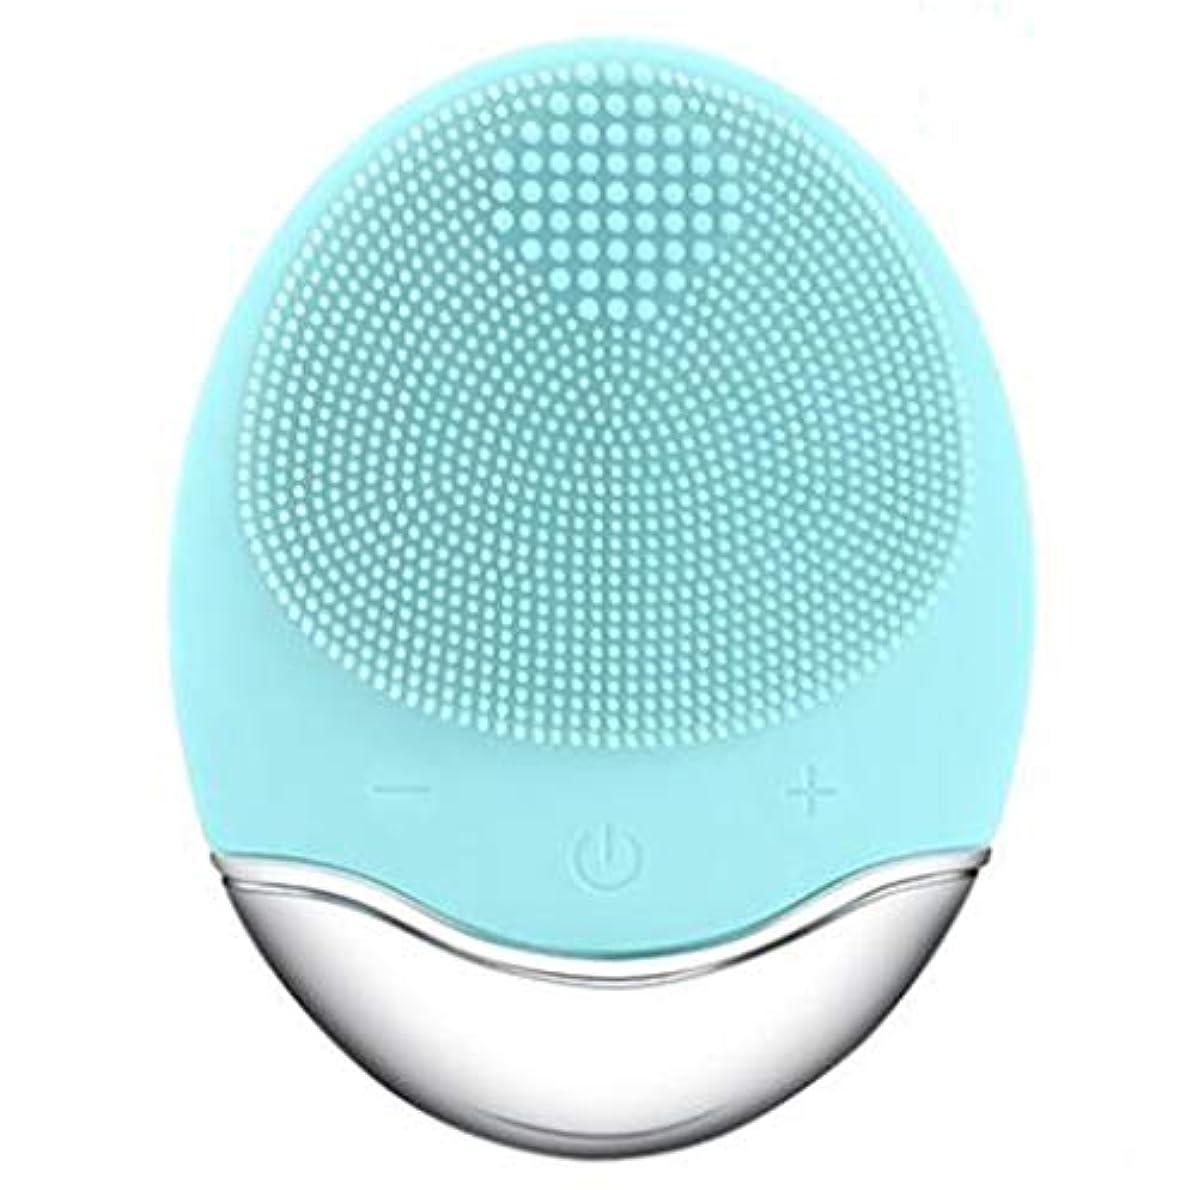 放散する新しさ擬人化シリコーン電気クレンジング器具、洗顔毛穴クリーナーマッサージフェイス、イントロデューサー + クレンジング器具 (1 つ2個),Green